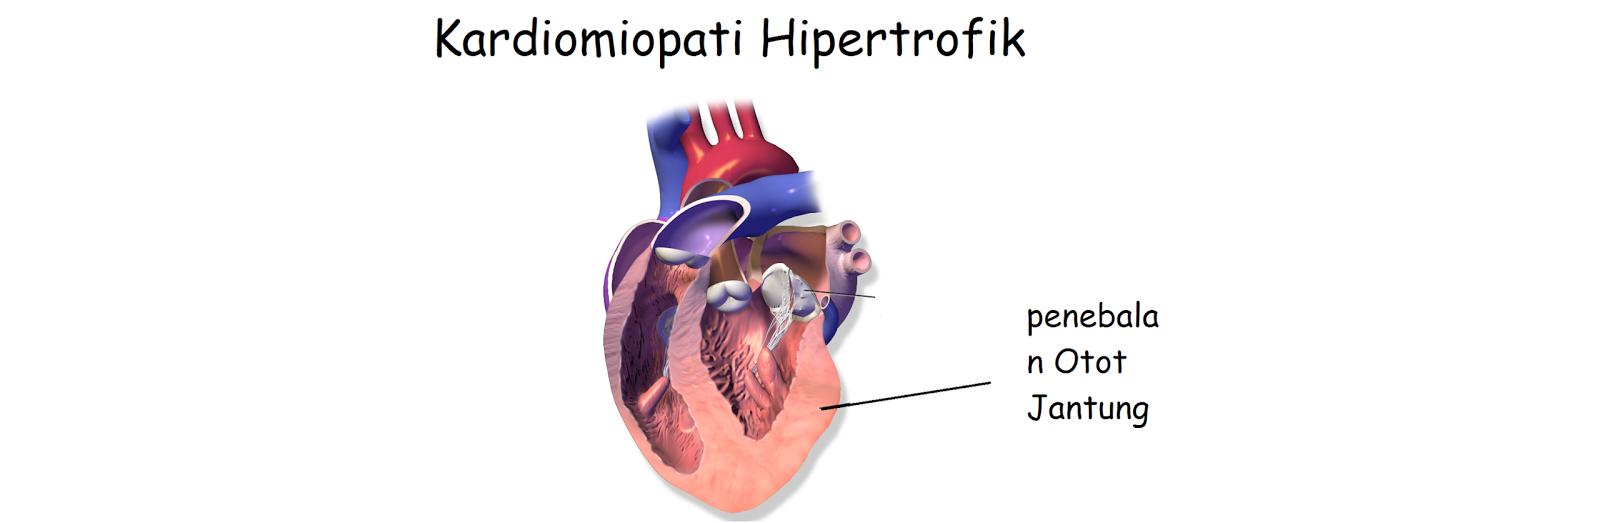 Gejala Penyebab dan cara mengatasi Kardiomiopati Hipertrofik